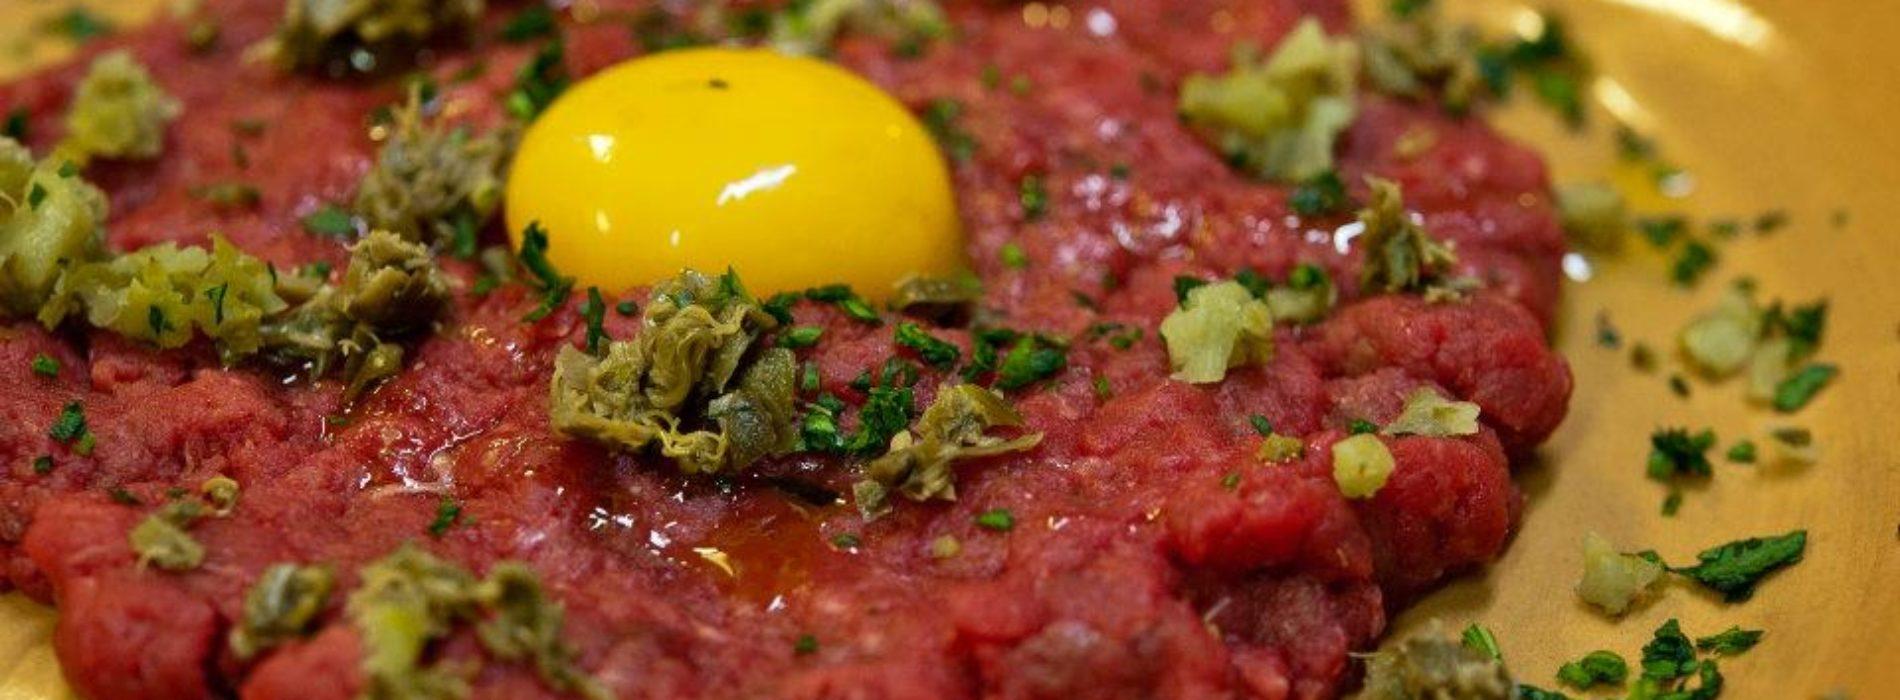 Dove mangiare carne a Roma: ecco le migliori bisteccherie e i ristoranti per filetto e hamburger